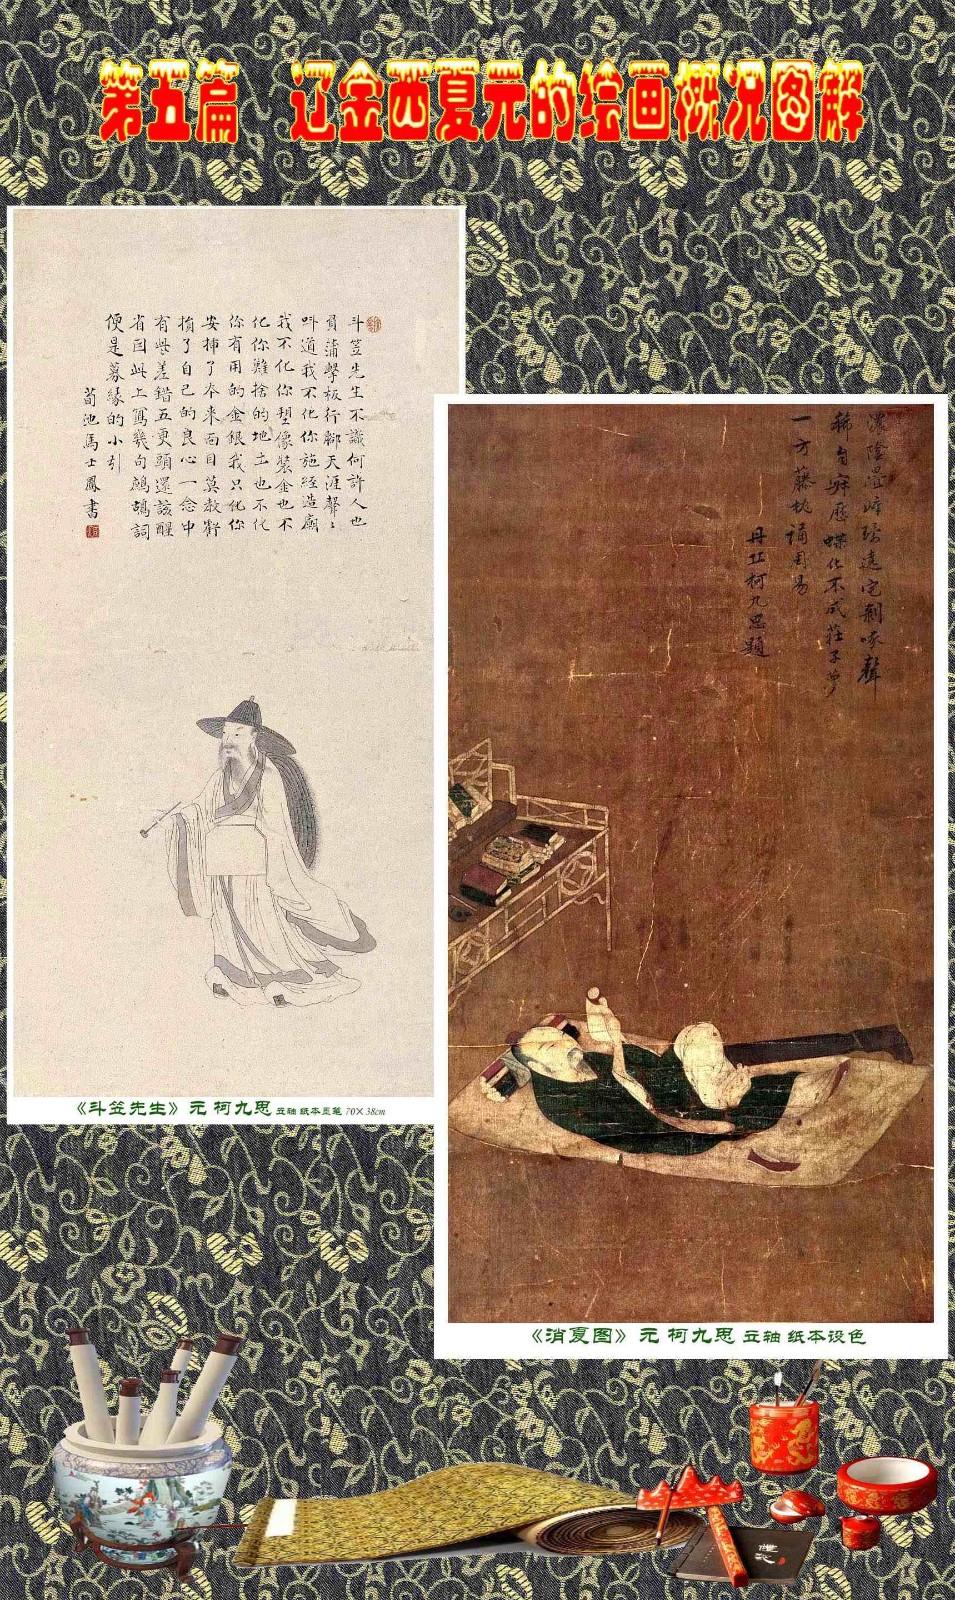 素有诗、书、画三绝之称的柯久思_图1-5